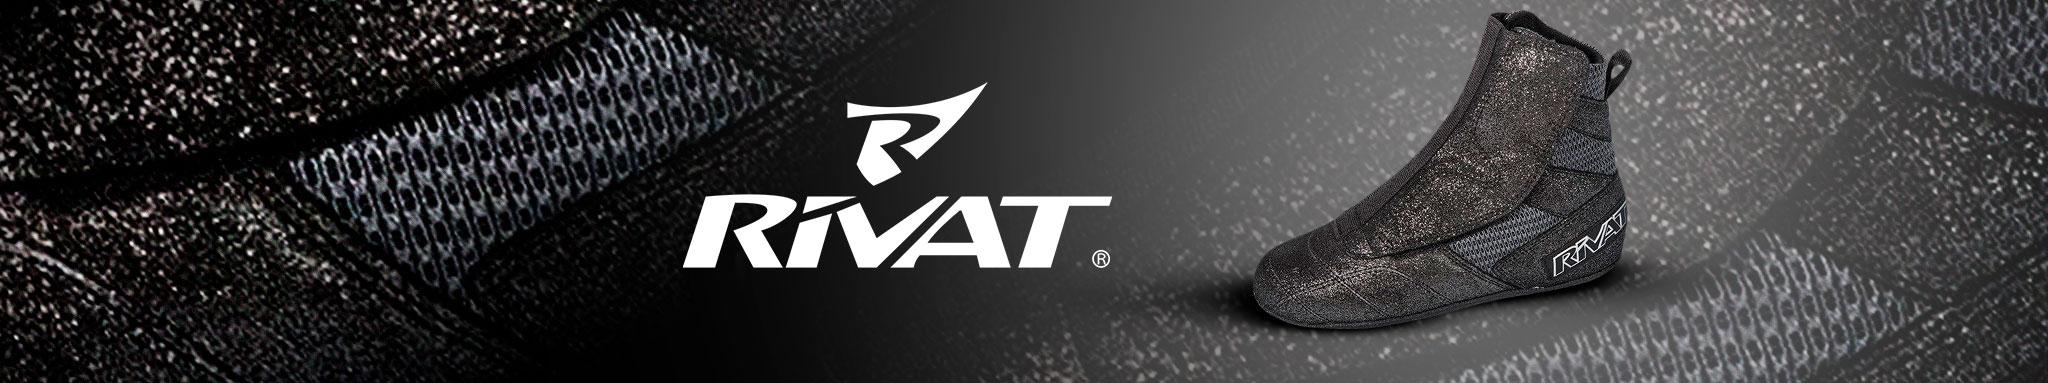 Rivat : chaussures de boxe française de la marque Rivat | Dragon Bleu